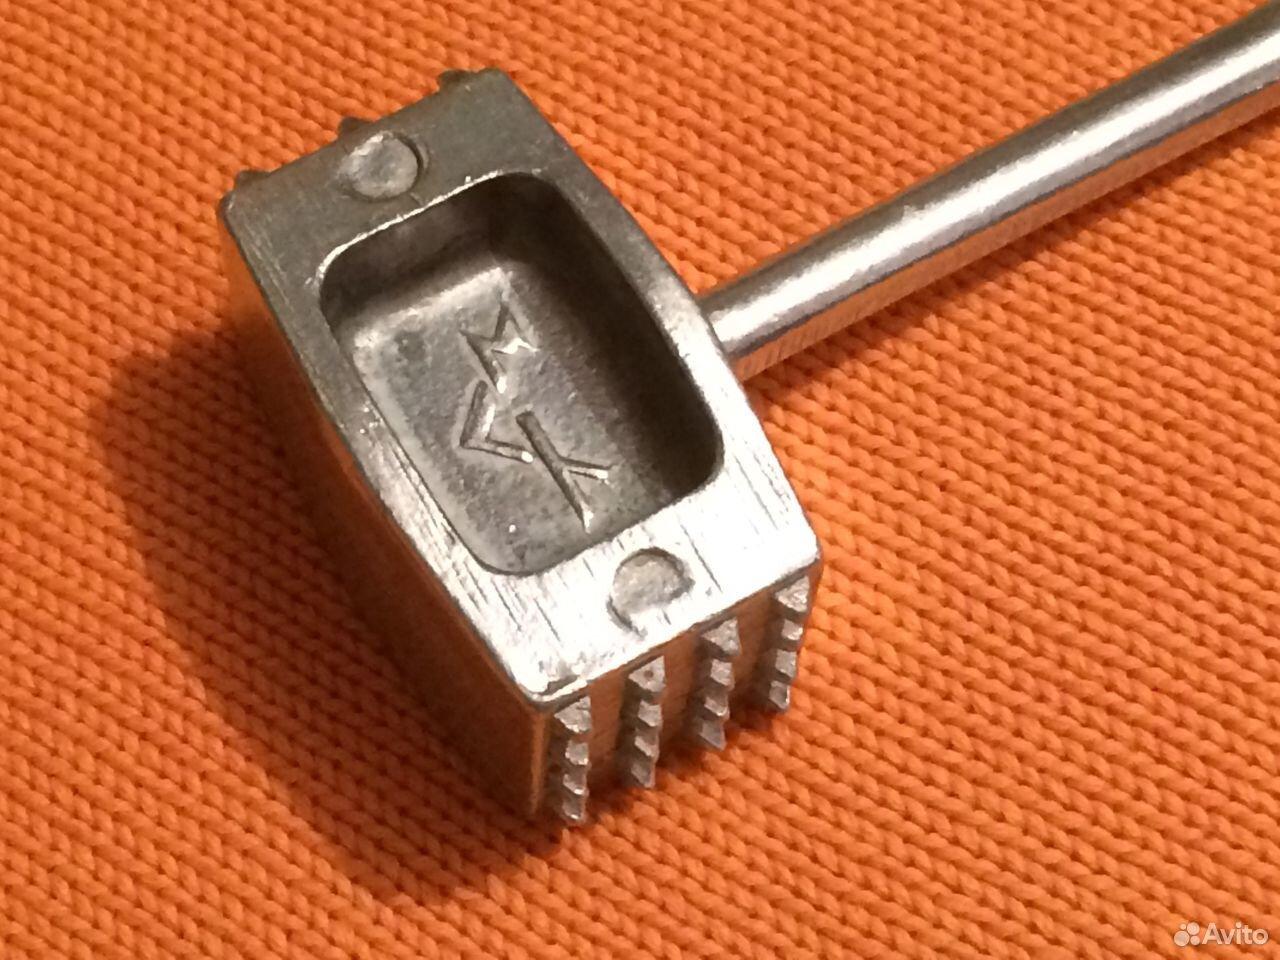 Отбивной молоток для мяса СССР новый  89822449336 купить 3